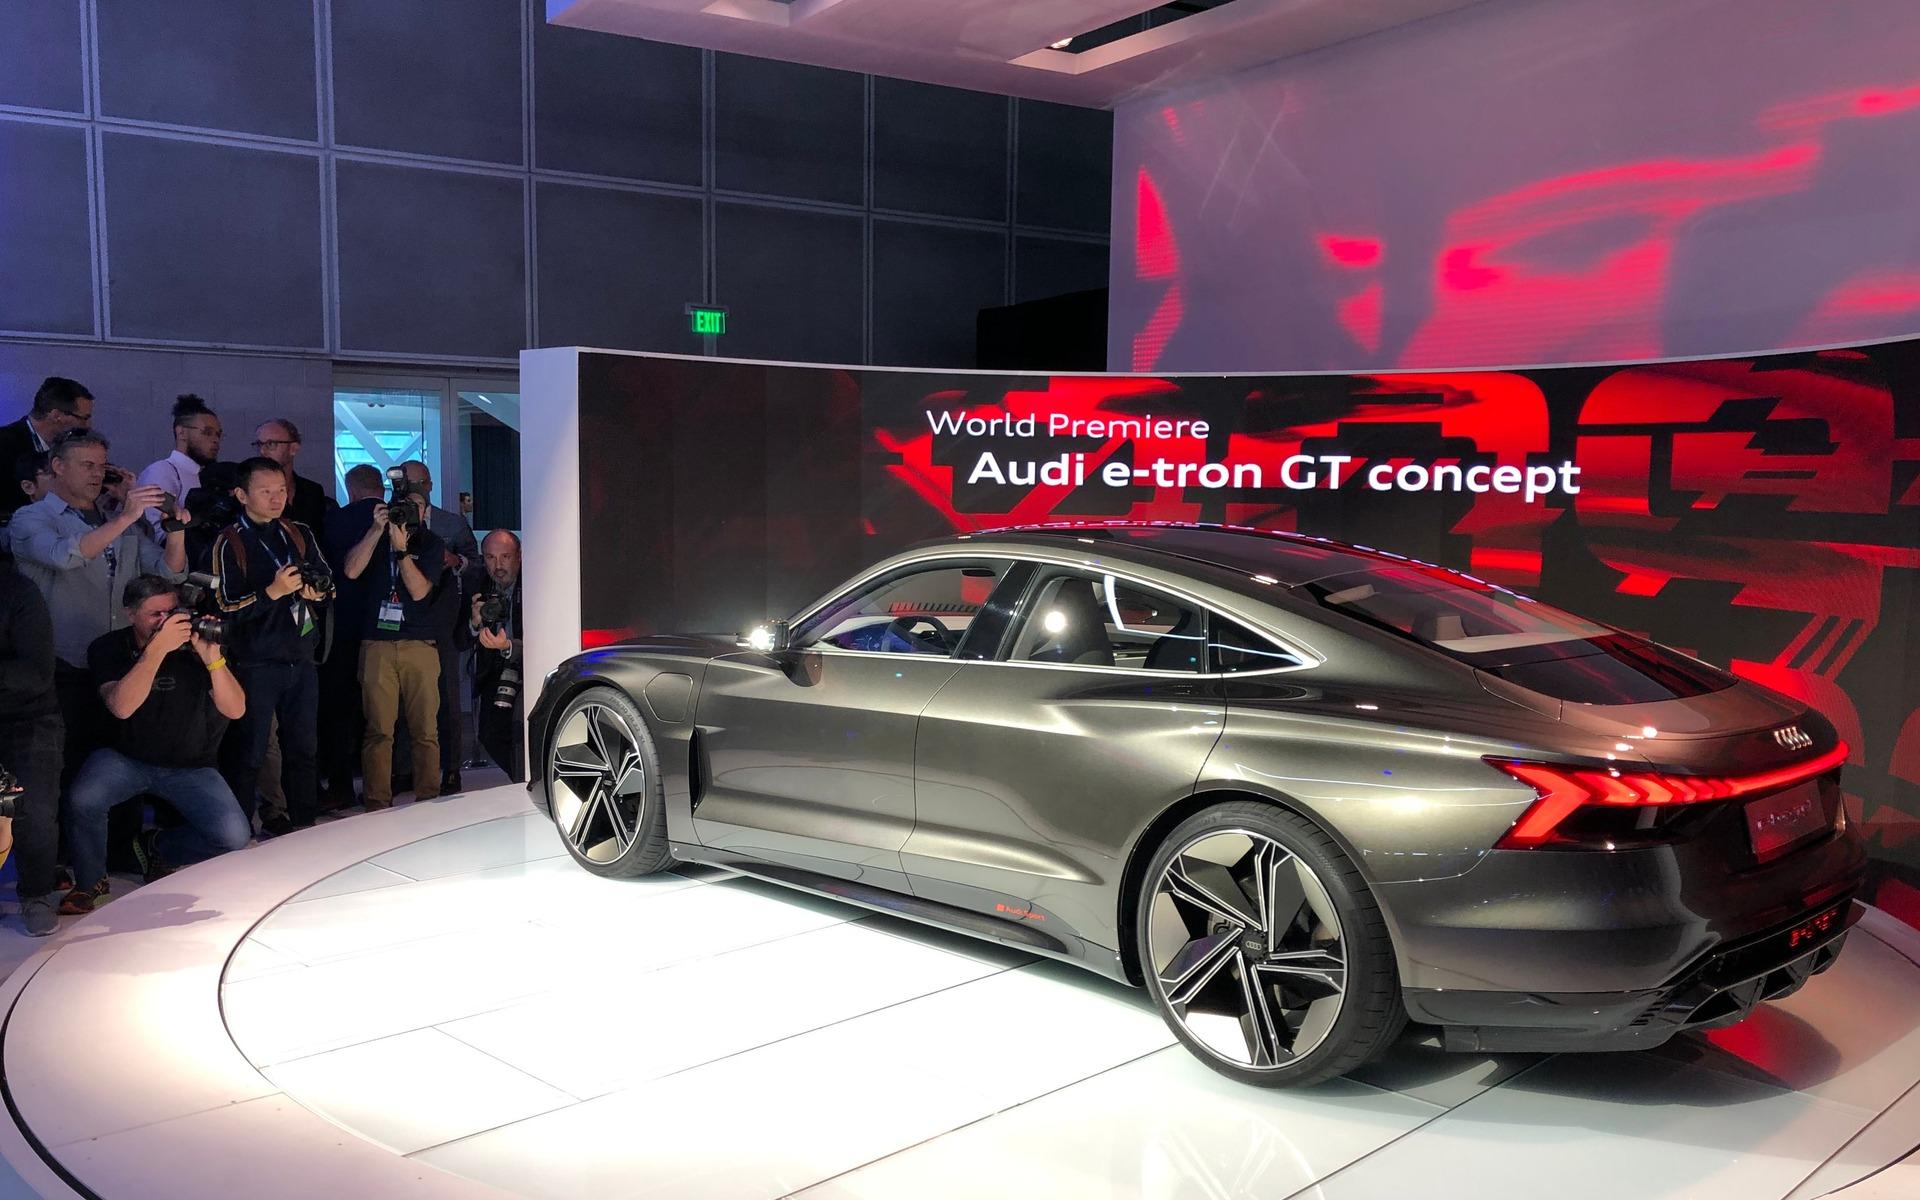 Audi dévoile la e-tron GT, une bombe électrique de 590 chevaux 358816_Audi_e-Tron